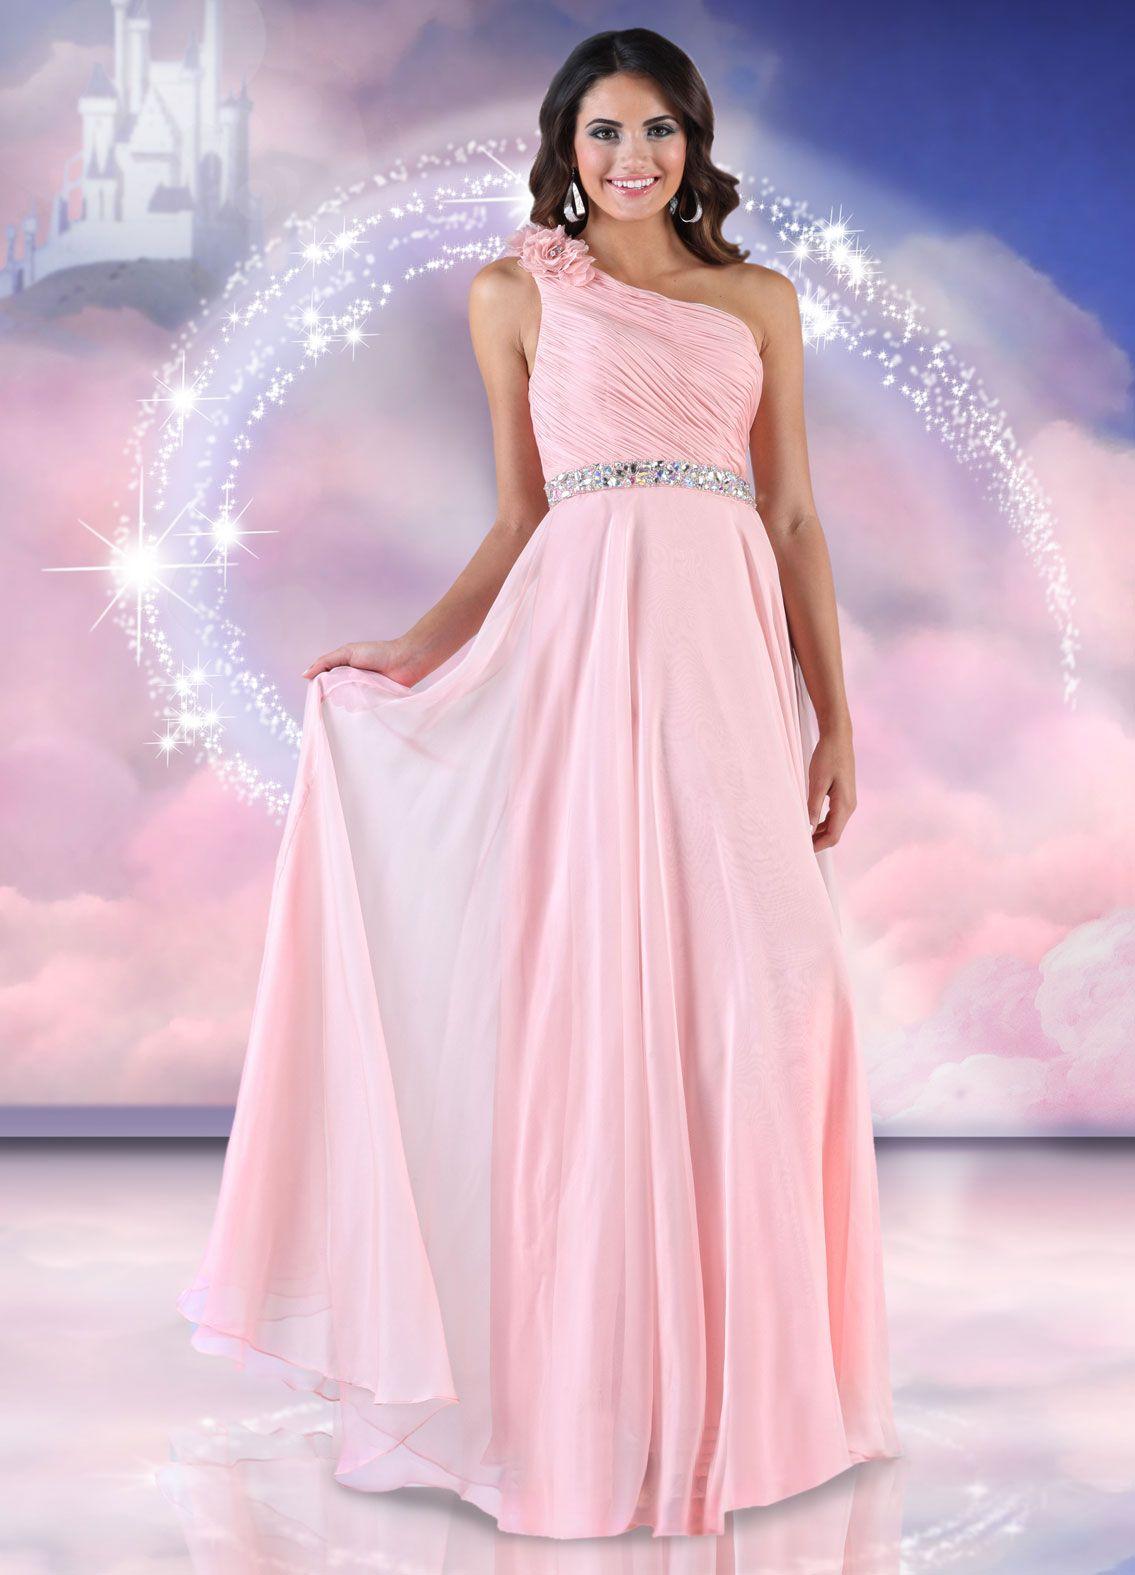 Disney Forever Enchanted Prom Dresses | Prom 2014 | Pinterest